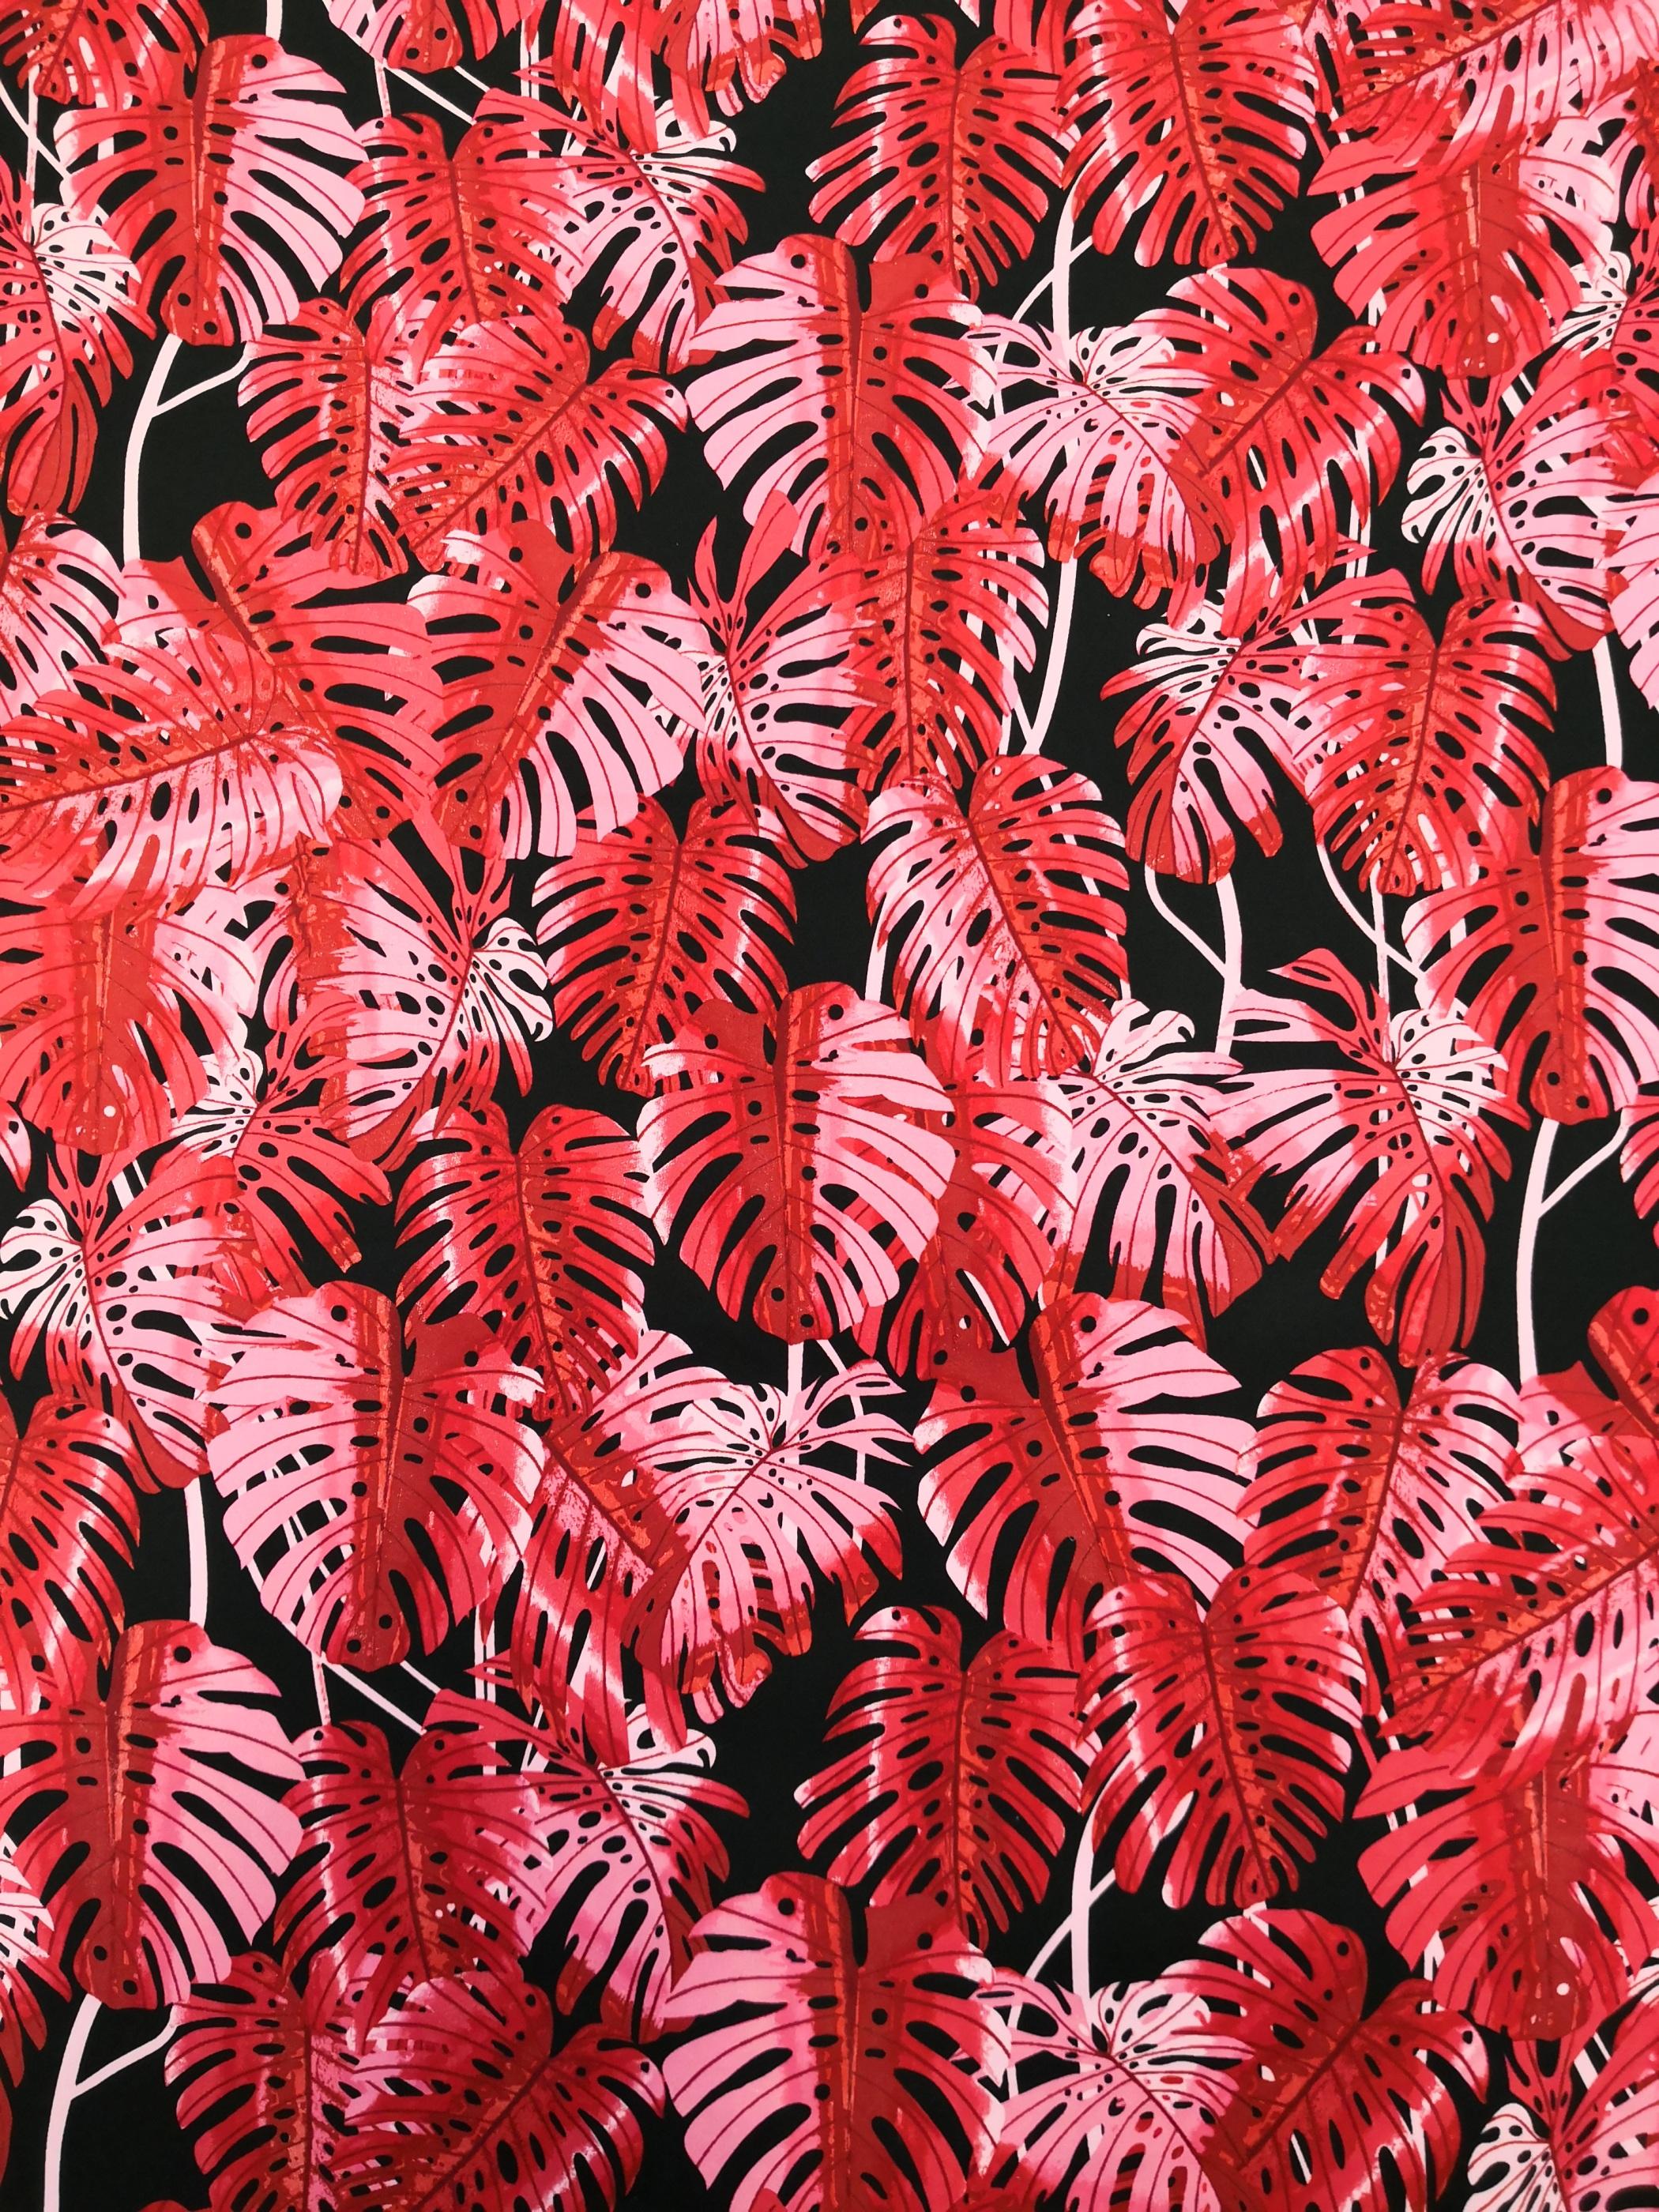 cericea blad på svart botten